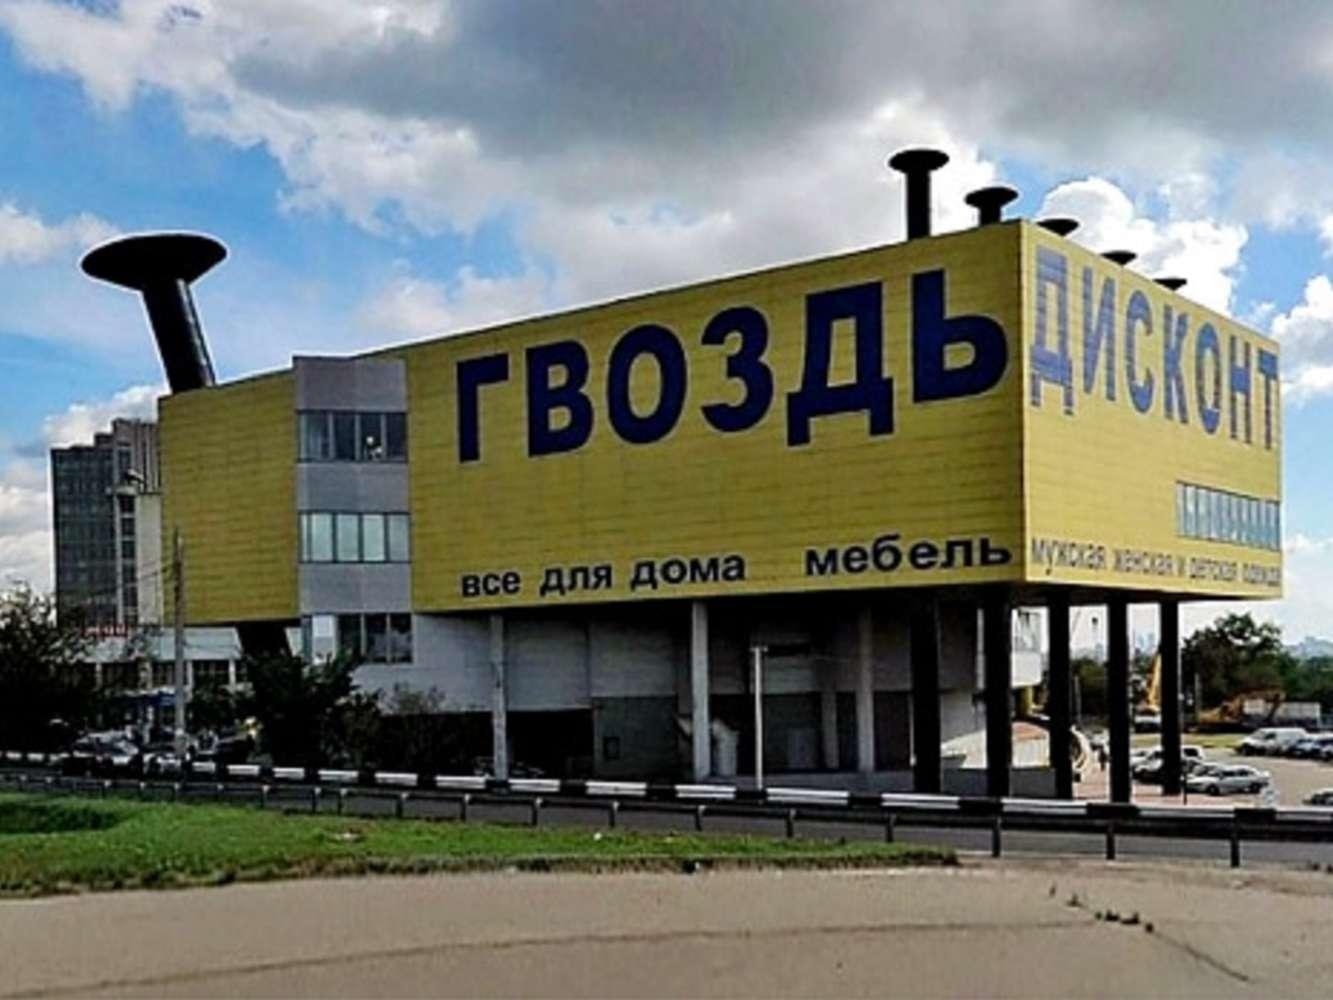 Офисная недвижимость Москва,  - Гвоздь I - 1